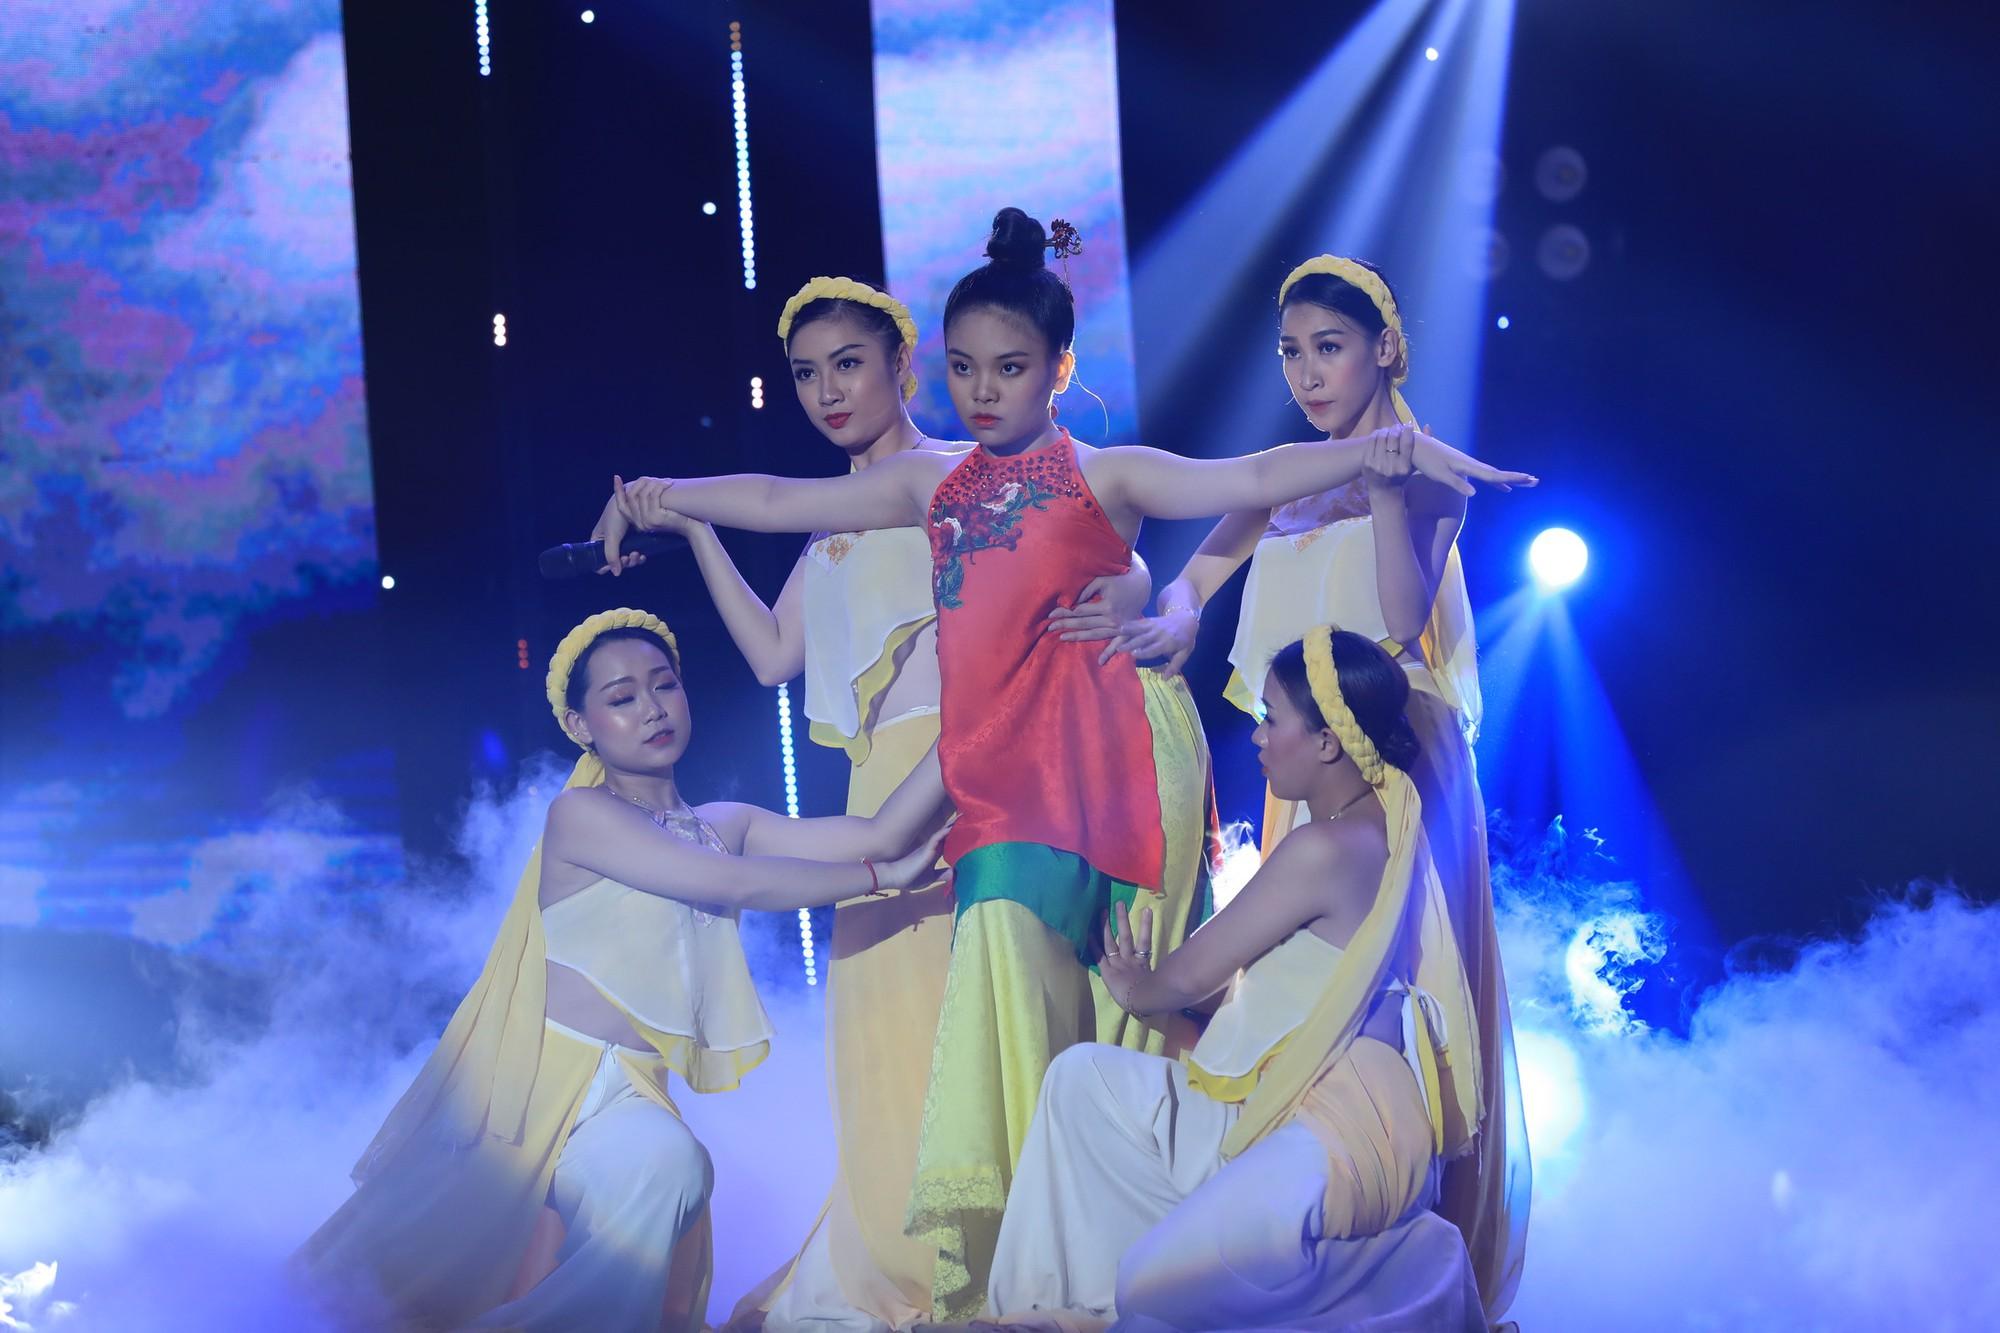 Bị gắn mác ca sĩ hội chợ, Hồ Việt Trung vẫn đưa học trò đăng quang quán quân Tuyệt đỉnh song ca nhí - Ảnh 4.